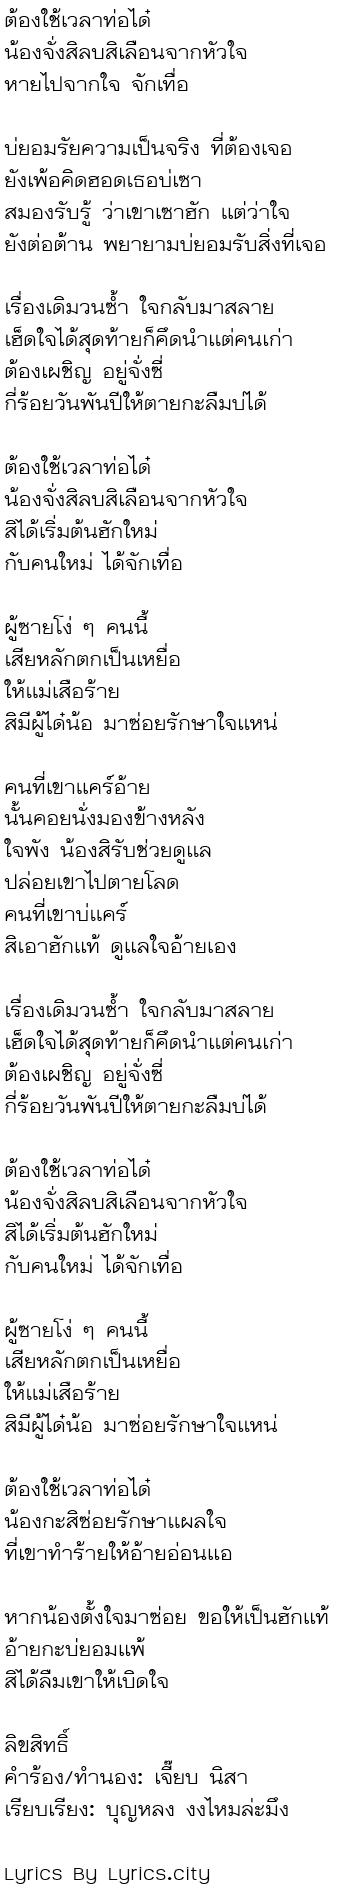 ซ่อยลืม - ก้อง ห้วยไร่ Feat. ฐา ขนิษ